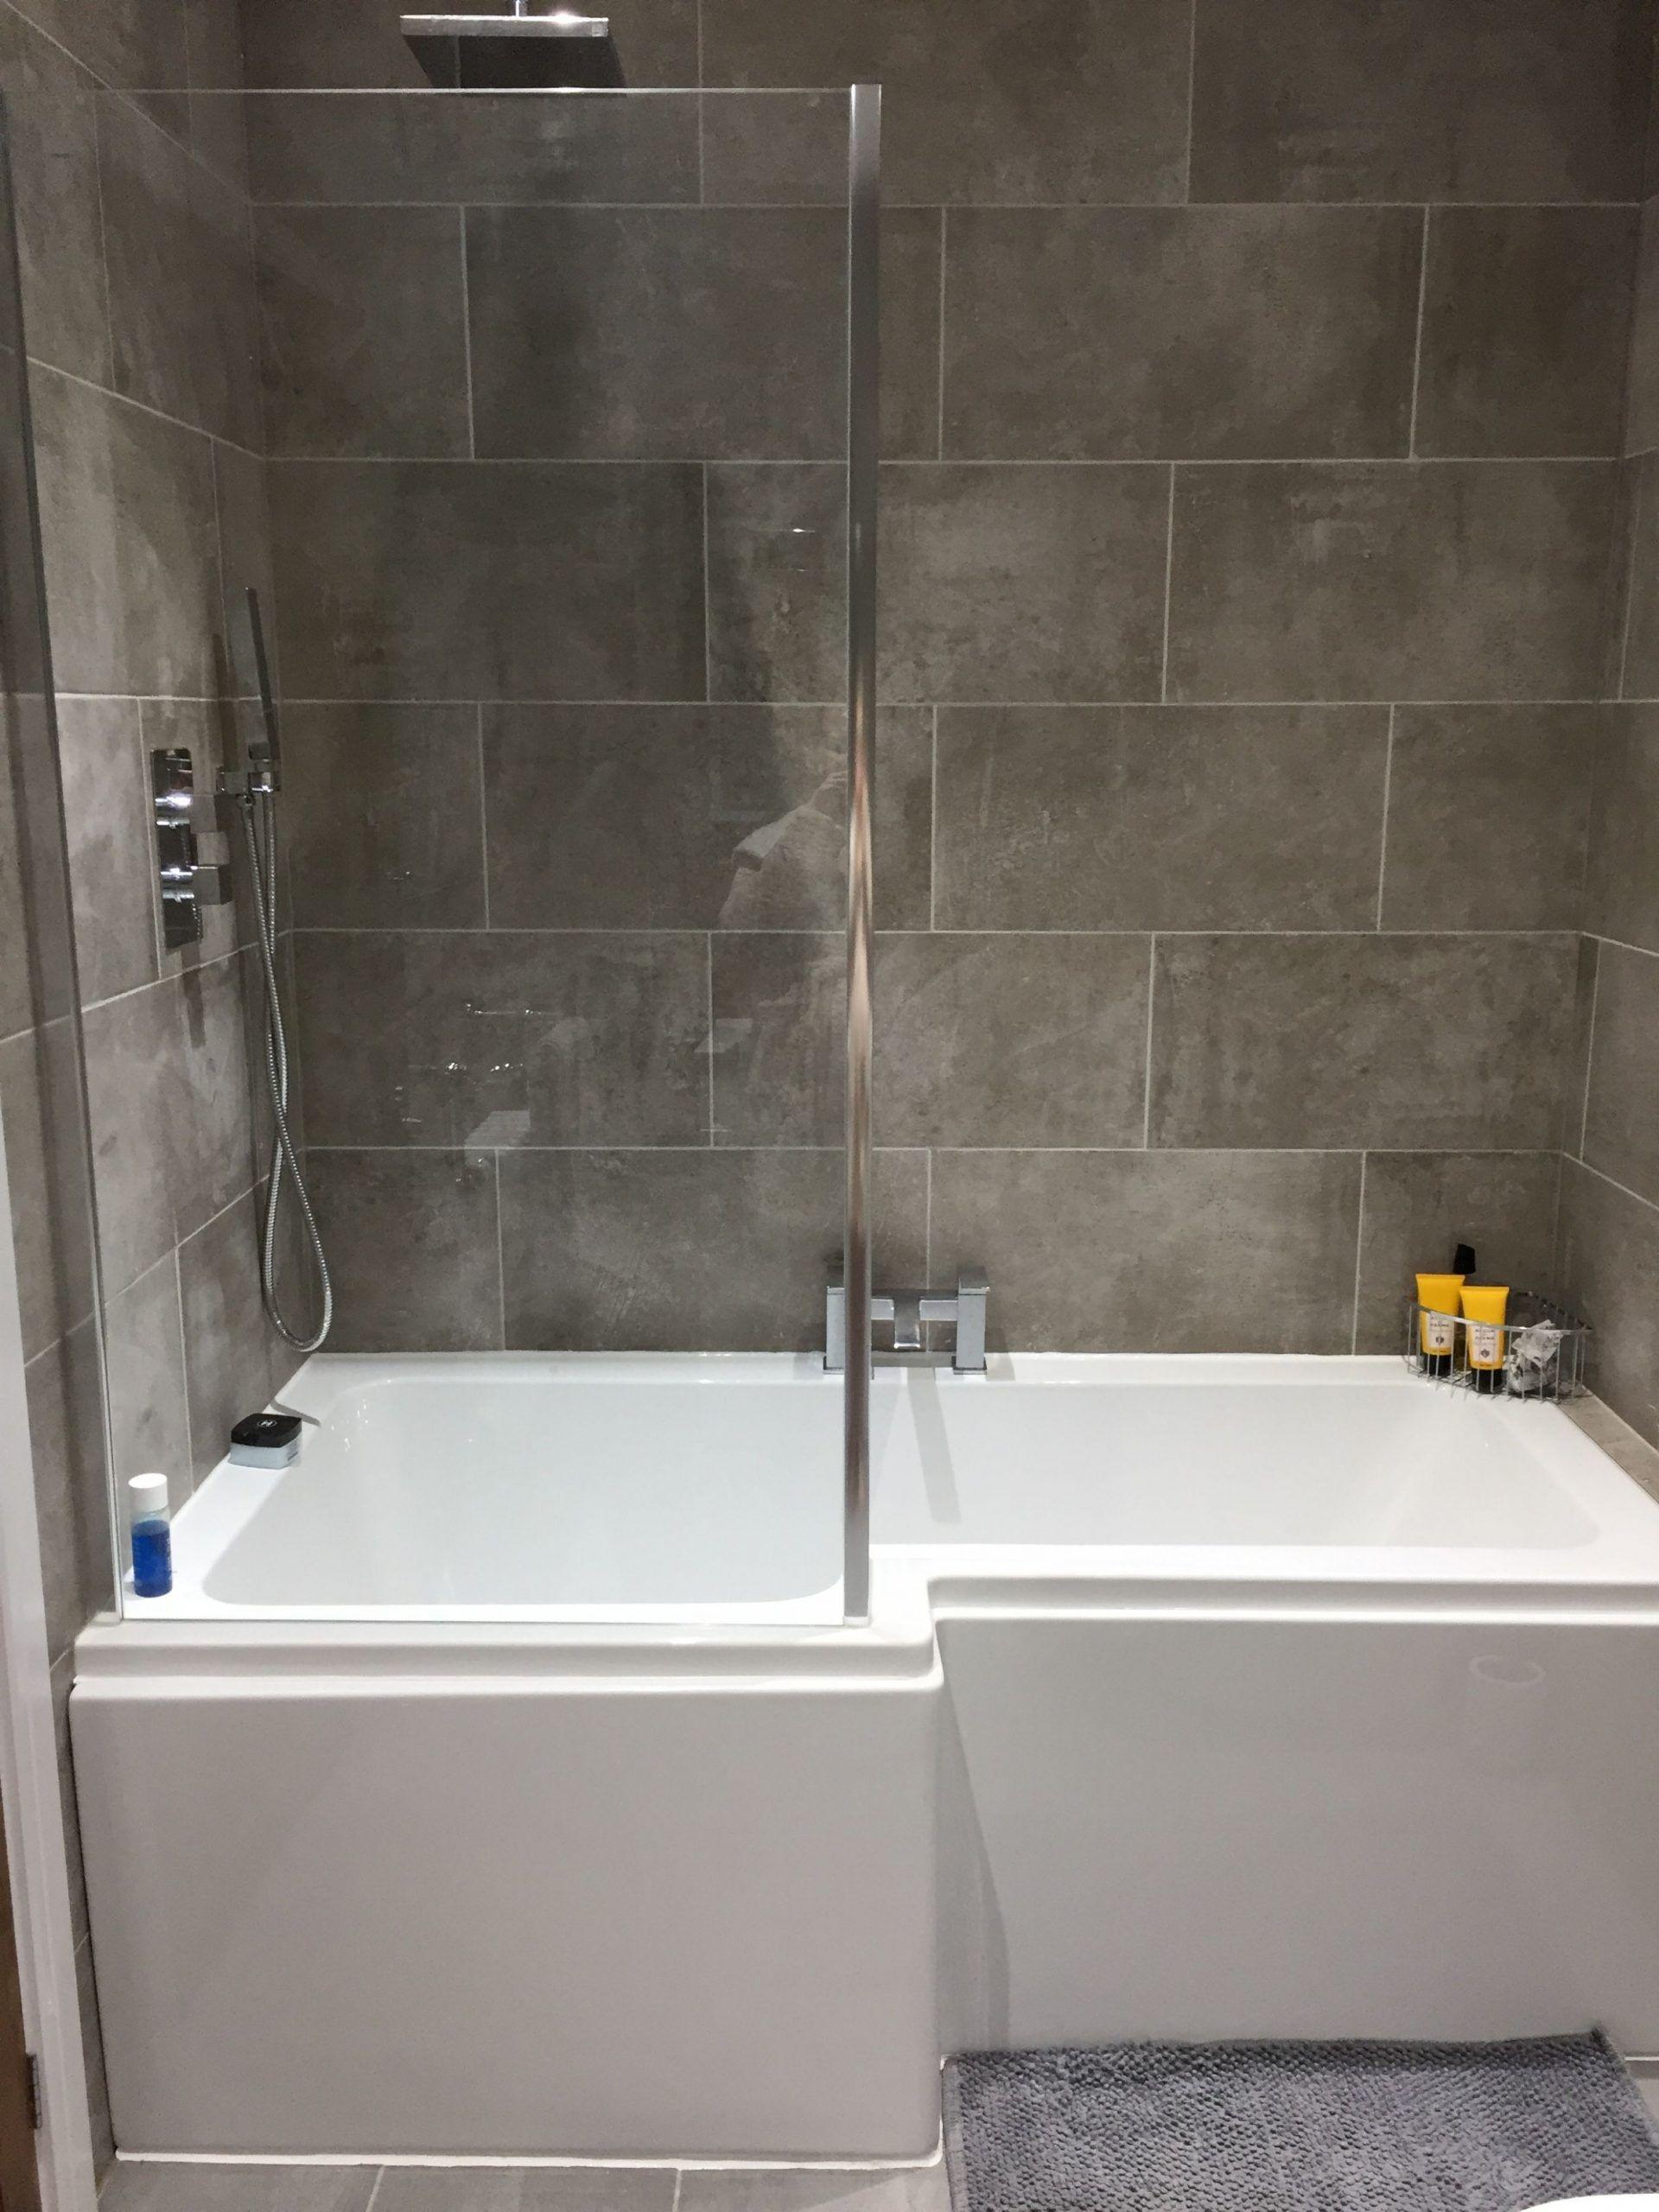 L Shaped Bath Bathroom Ideas In 2020 | L Shaped Bathroom, Bathroom Design, Bathroom Layout